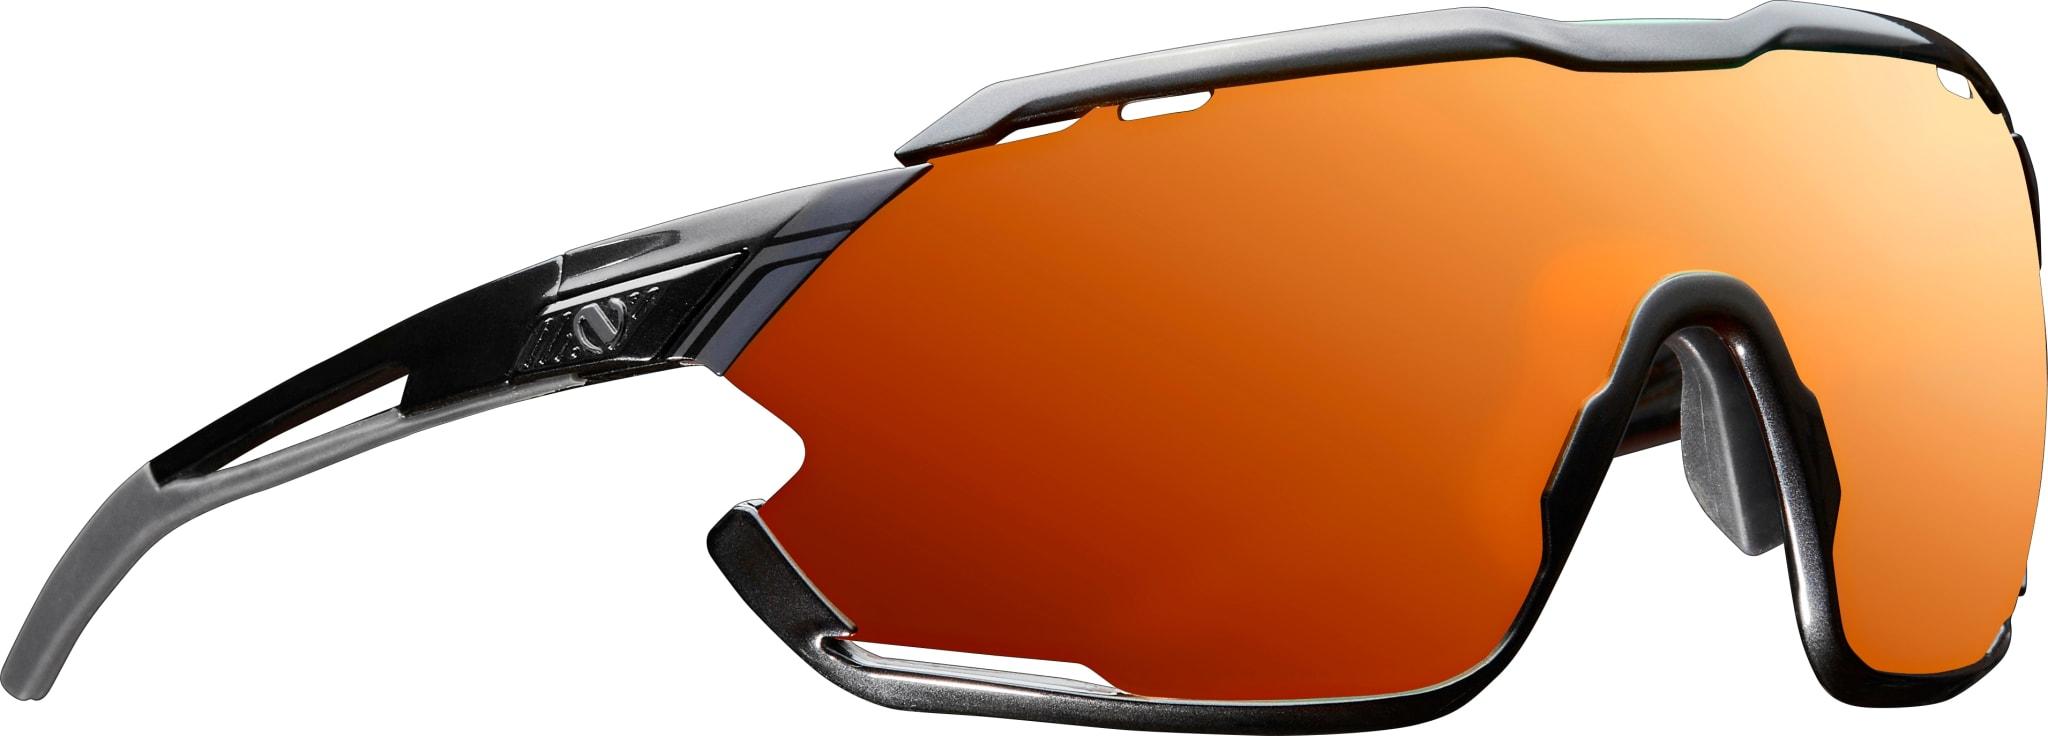 Tekniske multisportbriller for alle aktiviteter og forhold